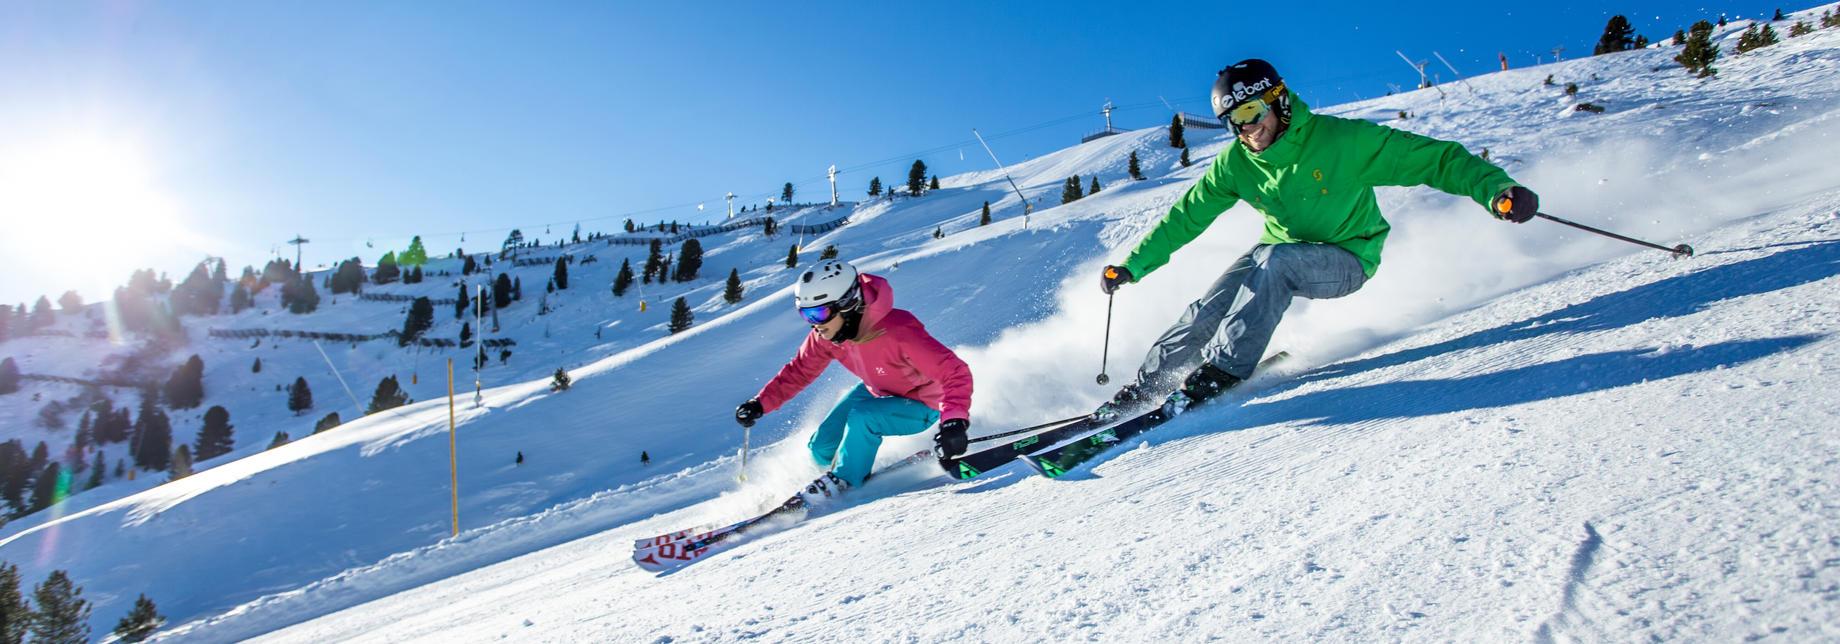 Skifahren Hochzillertal-Kaltenbach Zillertal | © Erste Ferienregion im Zillertal / Andi Frank